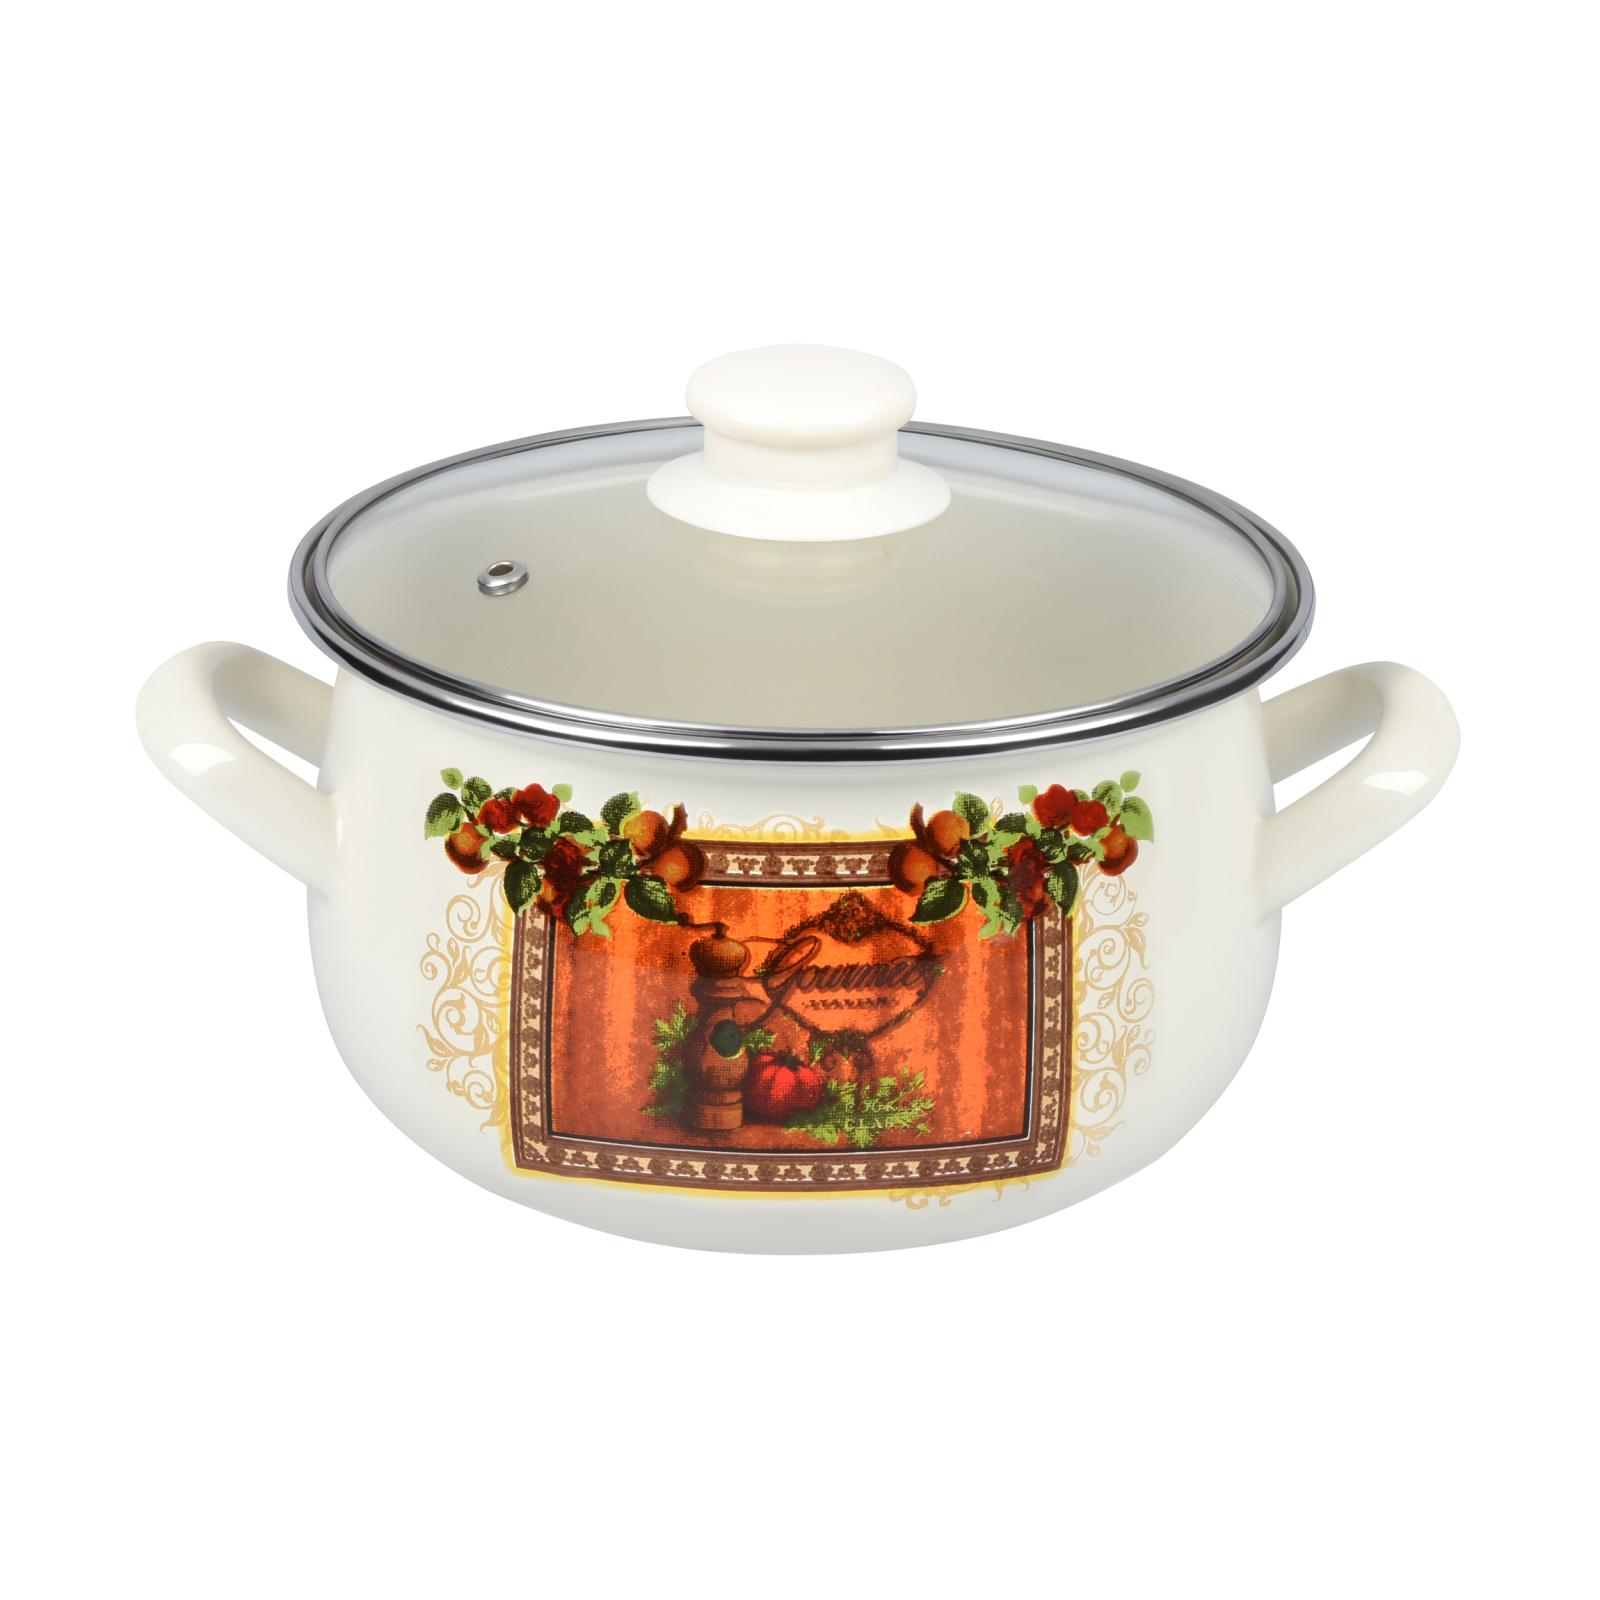 Кастрюля Ardesto Italian Gourmet с крышкой 2,0 л (AR0320)